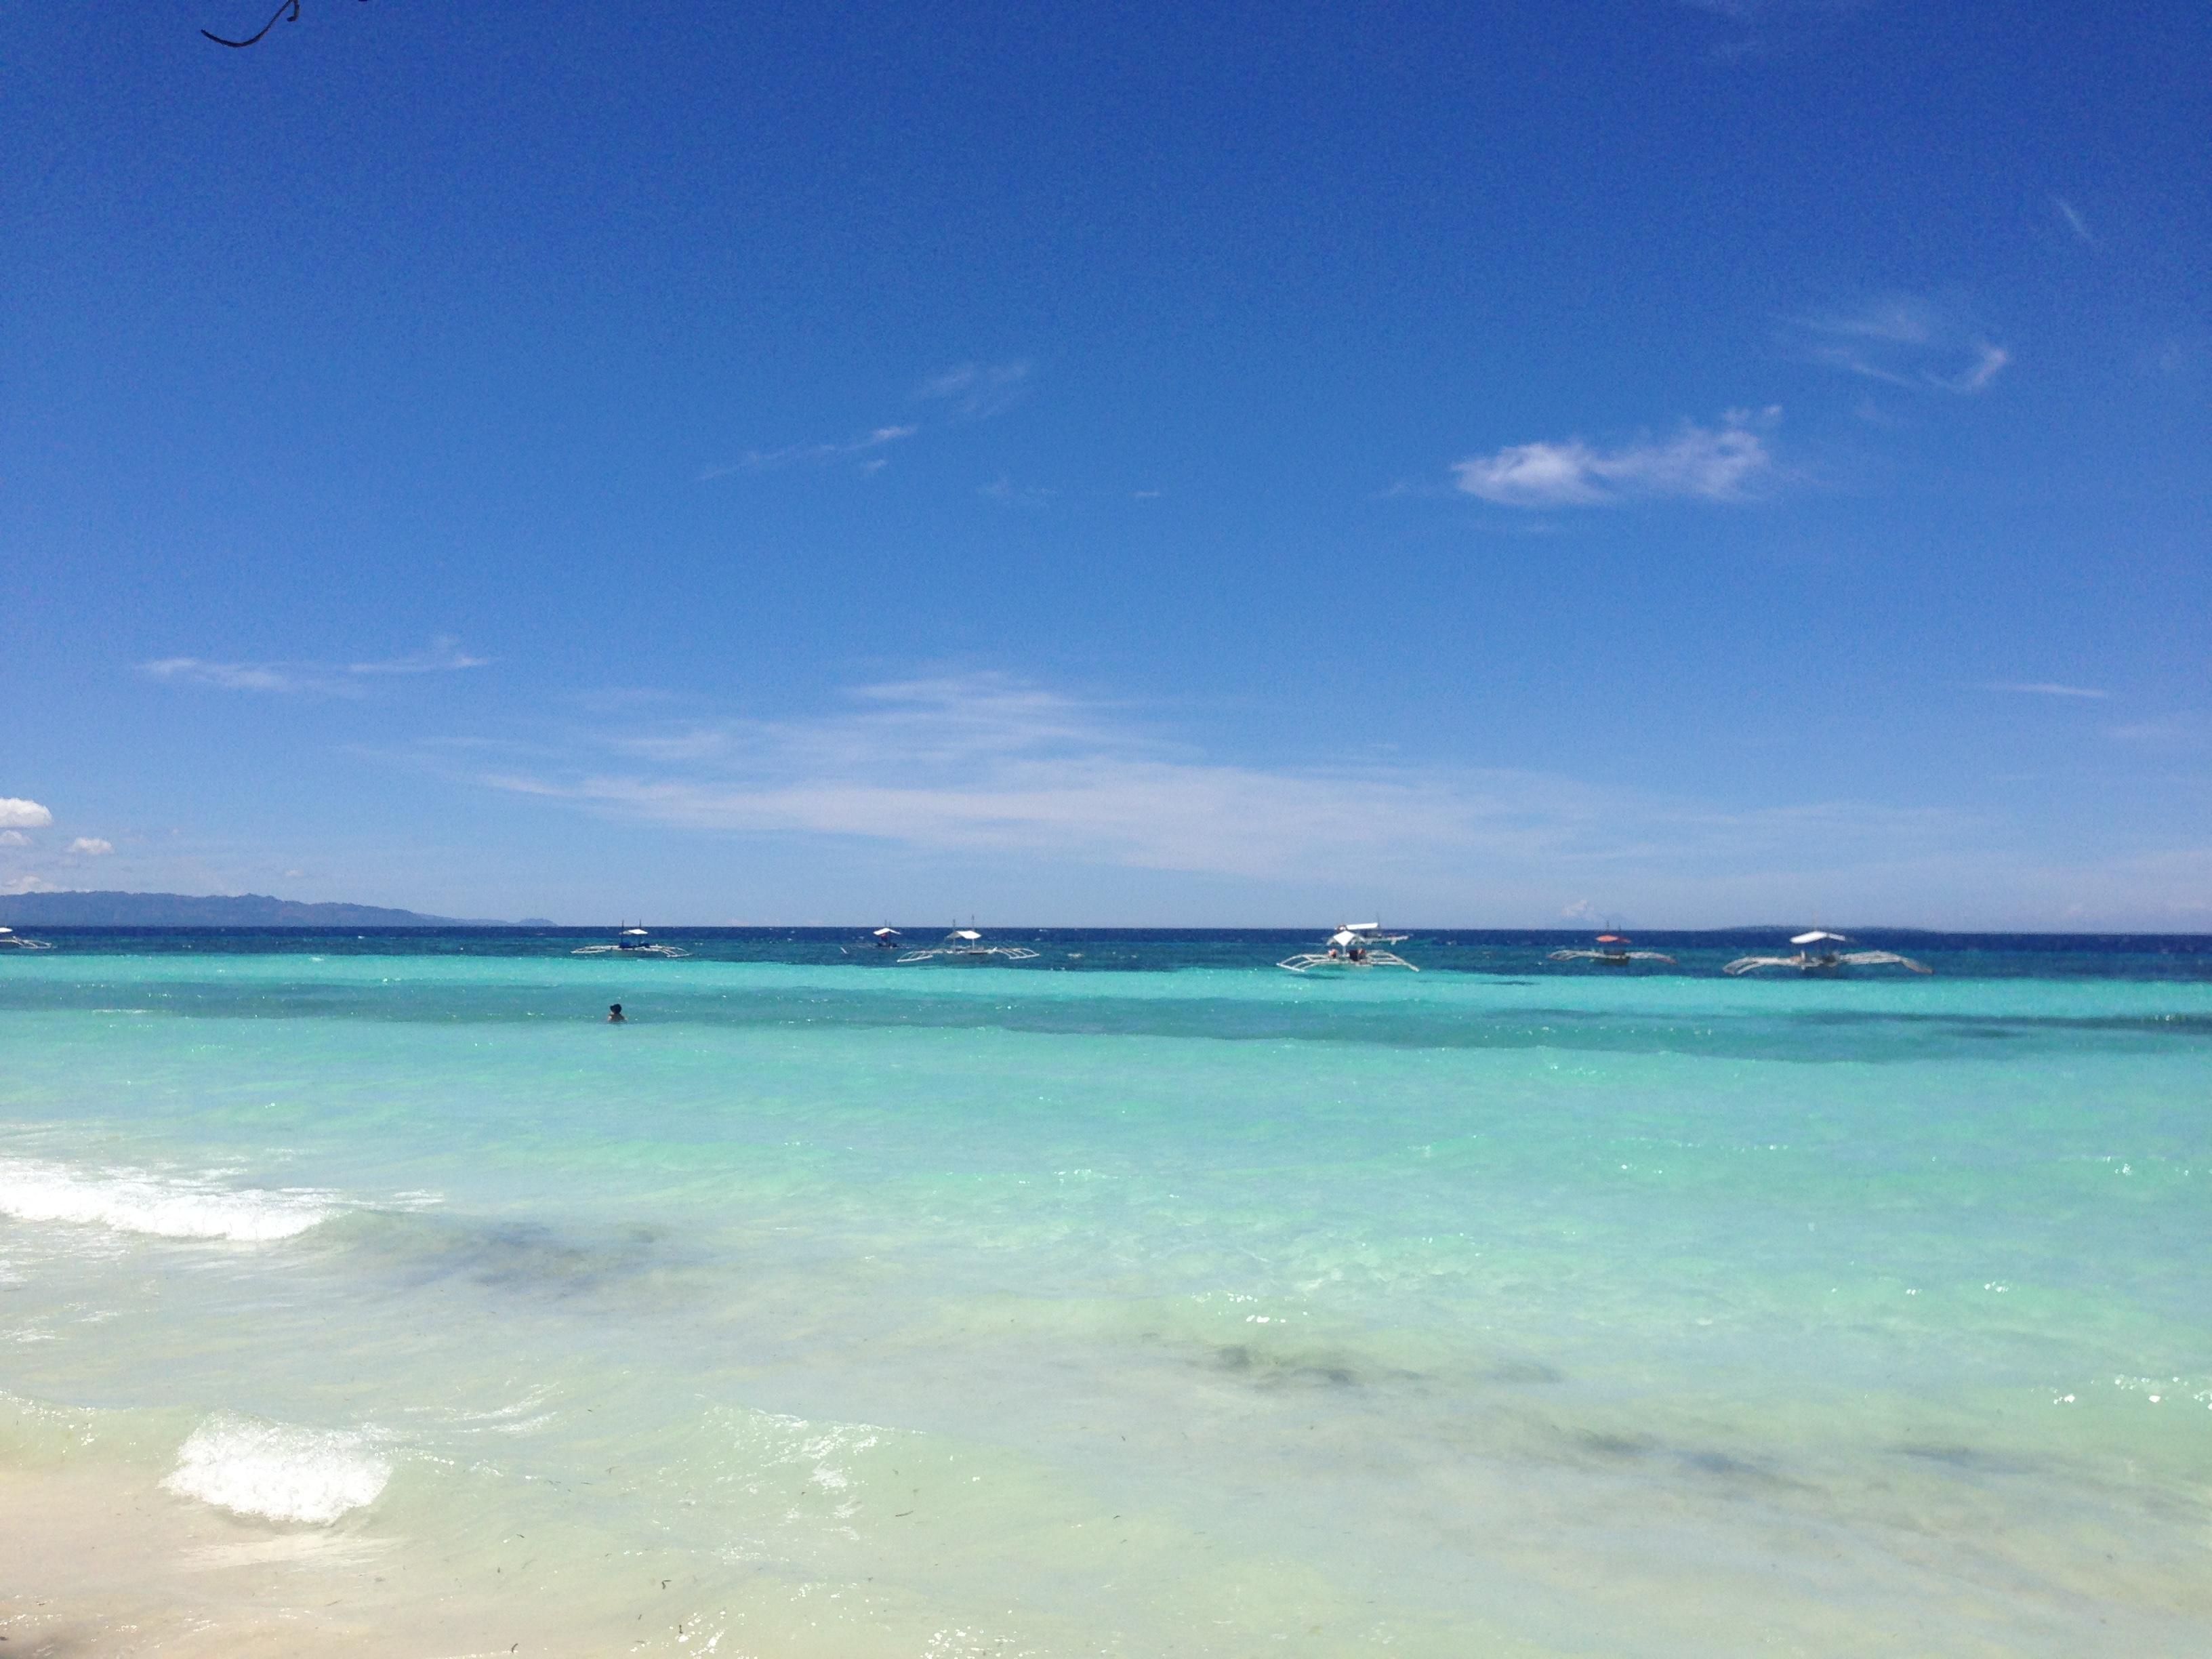 セブ島の治安ってどう?旅行や観光でトラブルに合わないための対策をご紹介!